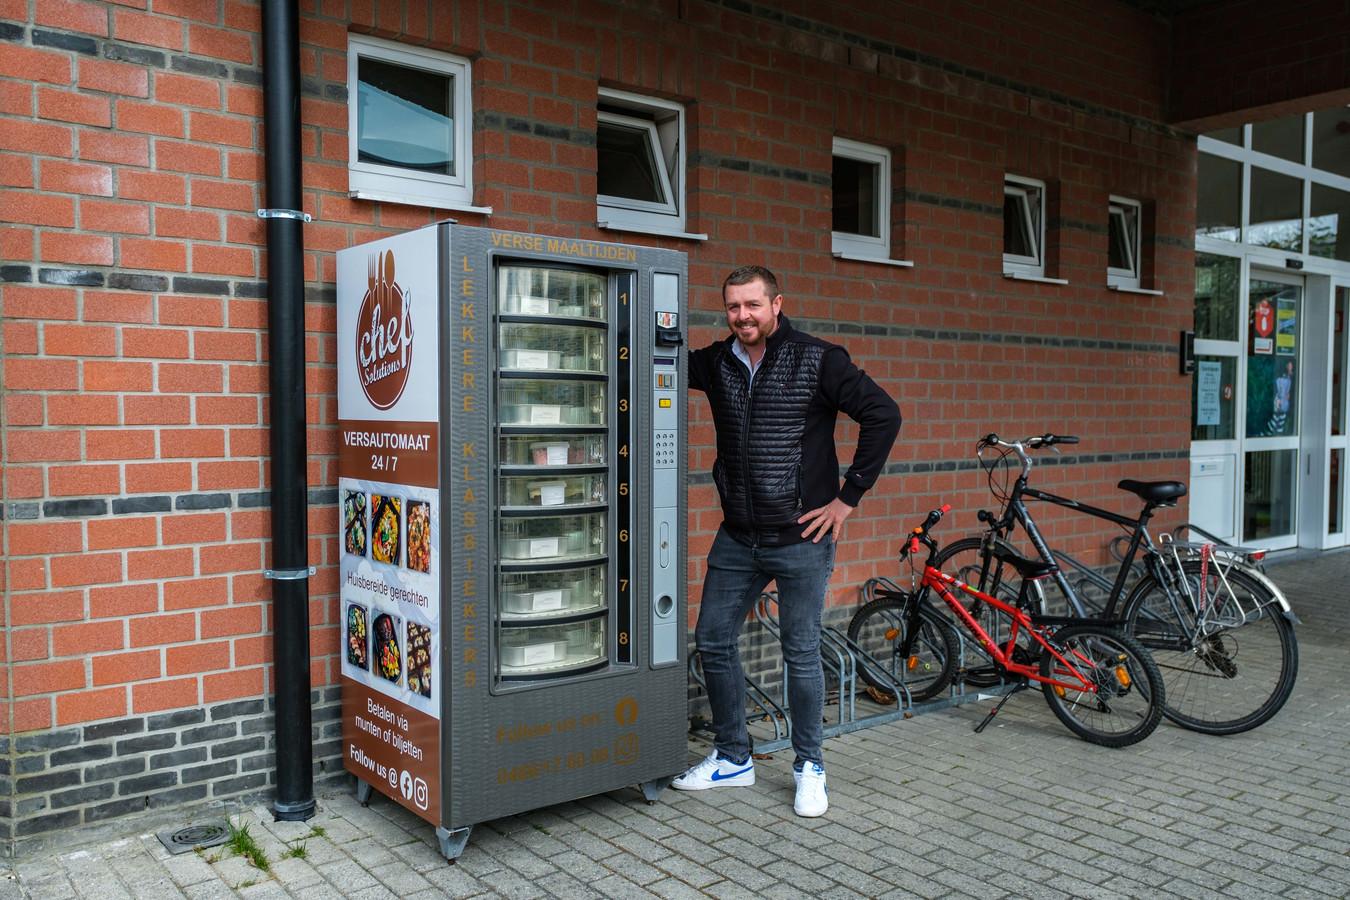 Kevin Mertens bij zijn versautomaat, aan de ingang van de bib.